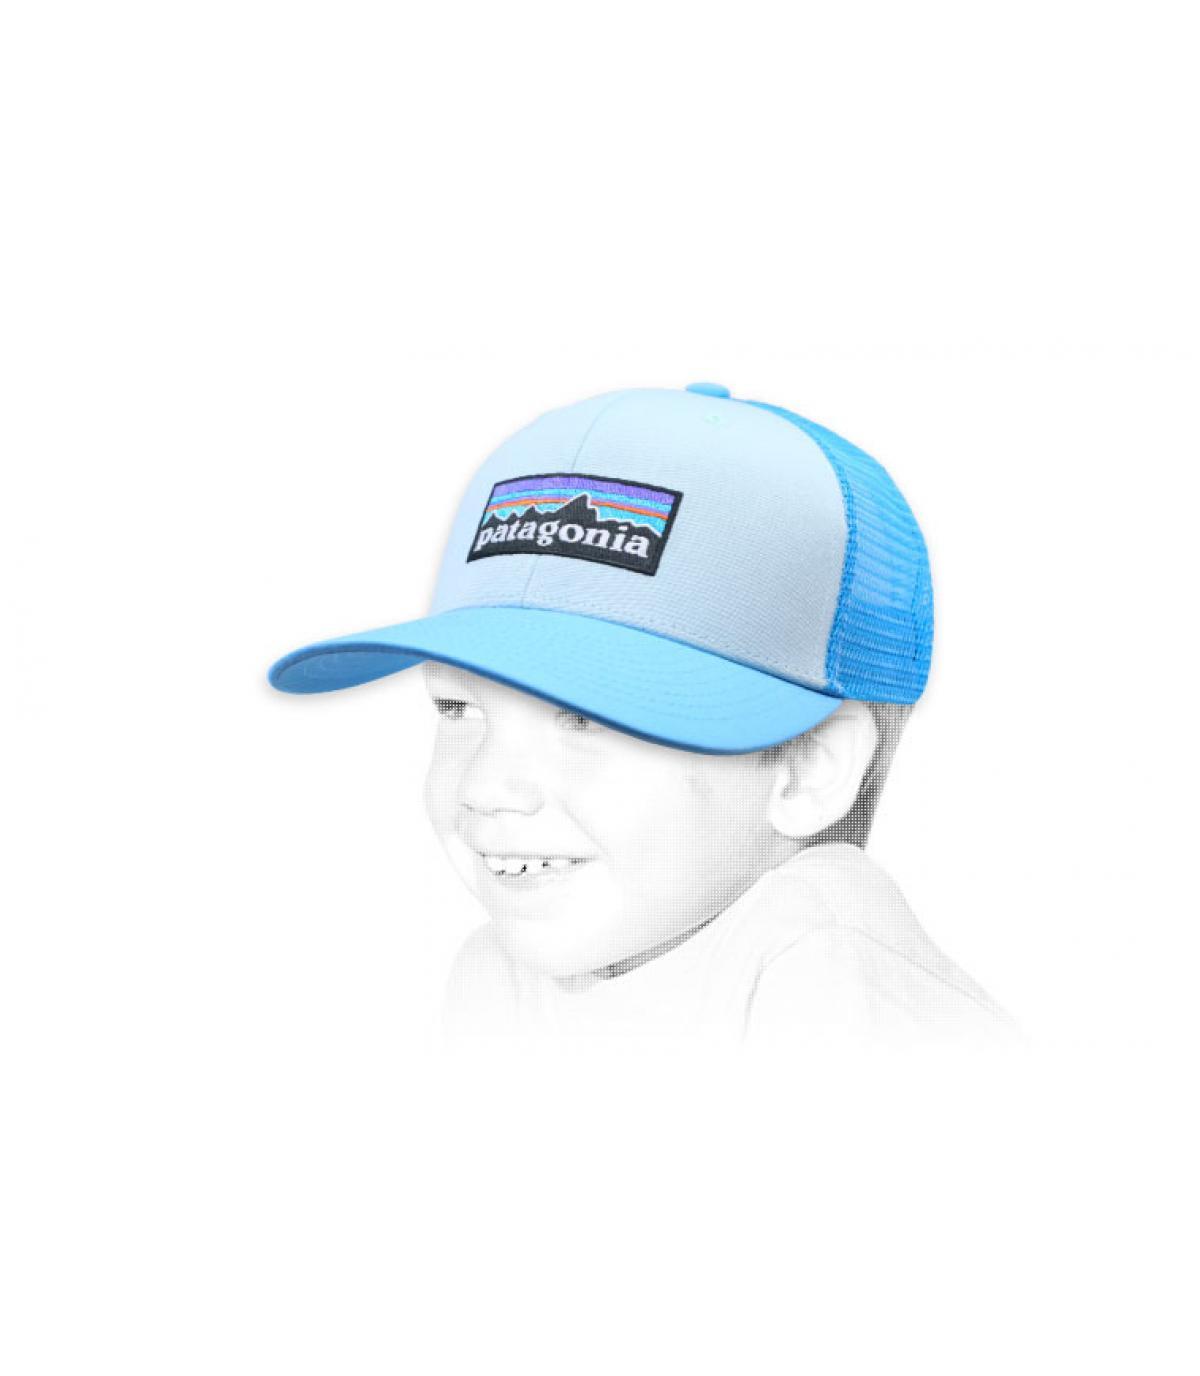 trucker bambino blu Patagonia 52ececc5343a